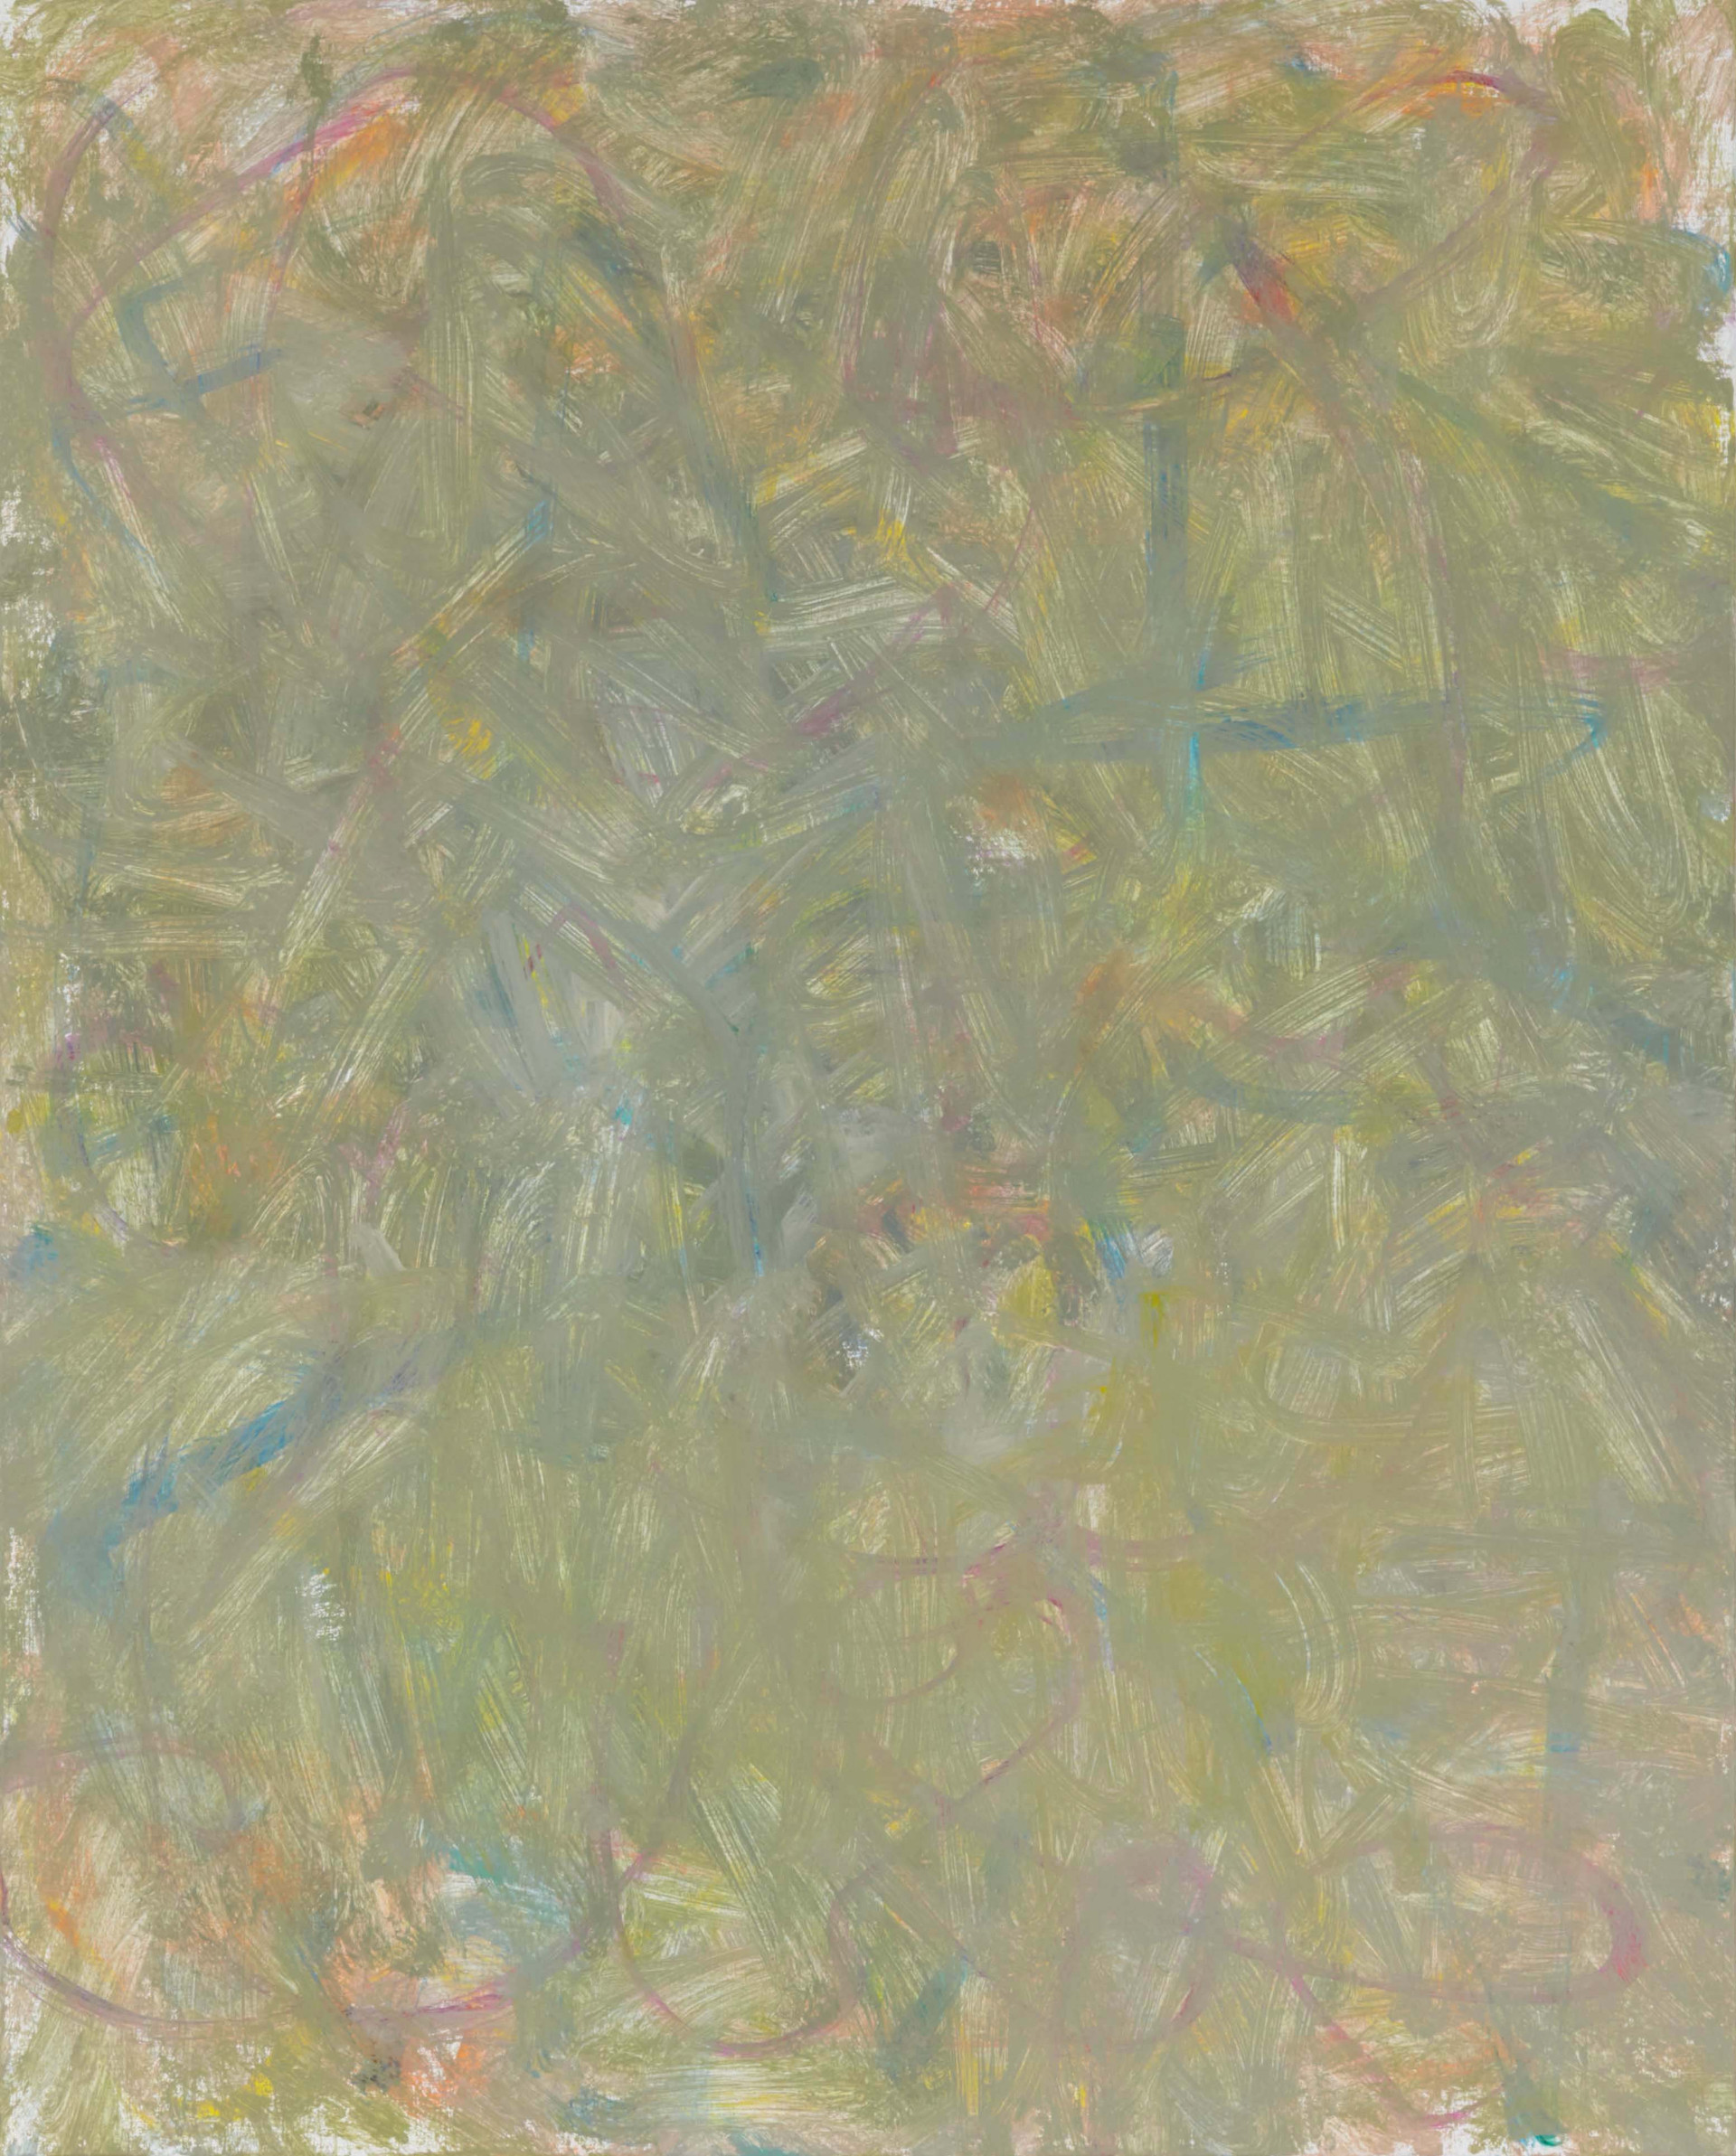 Sans titre (LA 01-02), 2019, acrylique sur toile, 81 x 65 cm